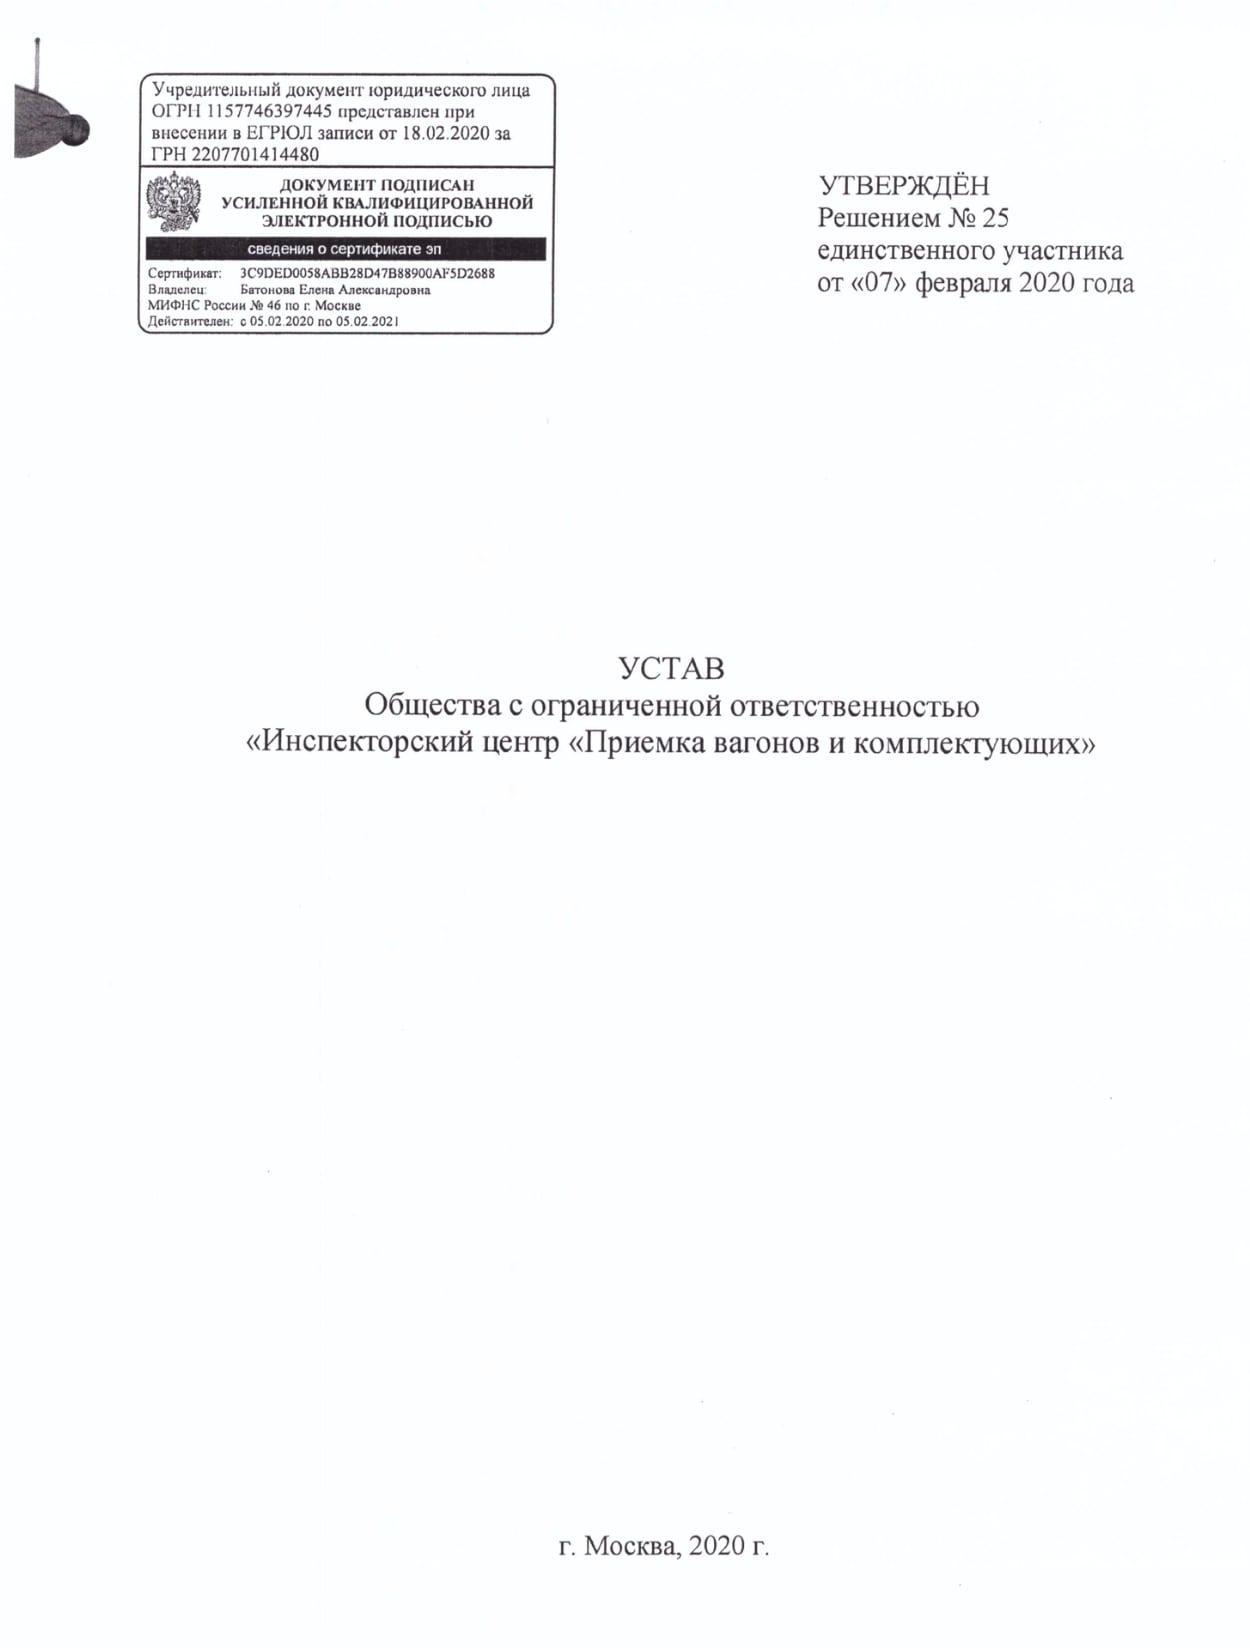 Устав ООО ИЦПВК